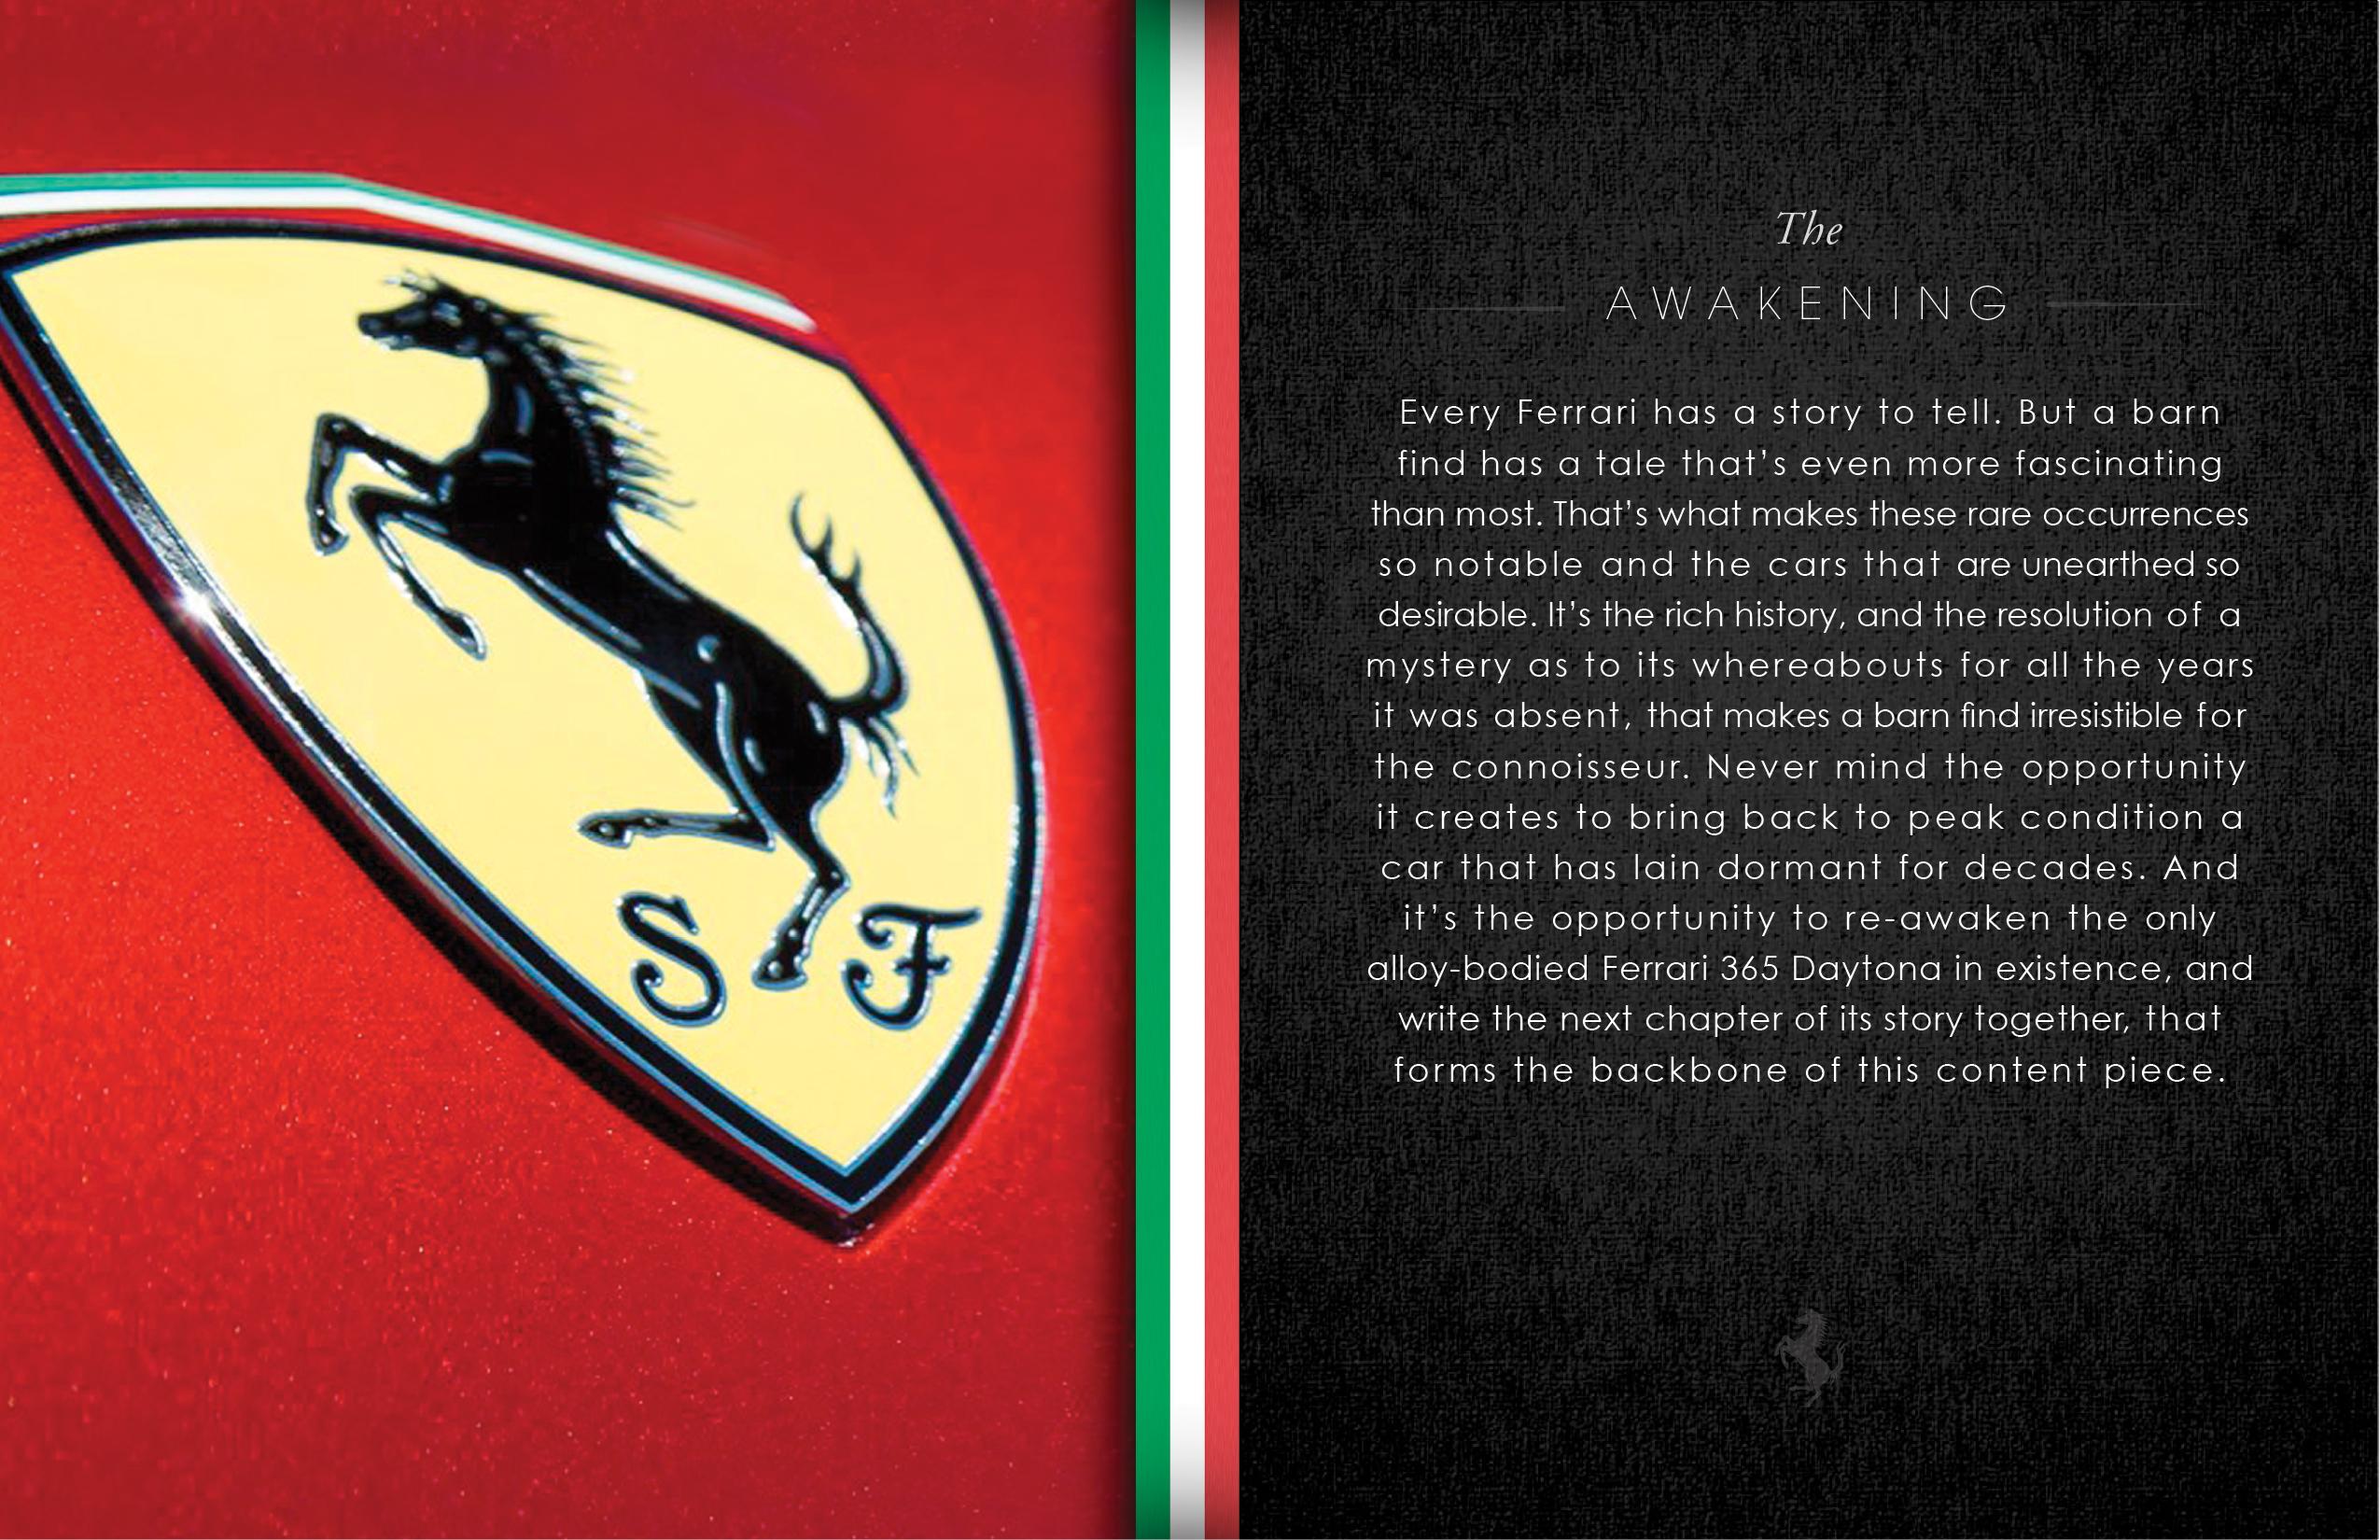 Ferrari_072117_v2_highres-4